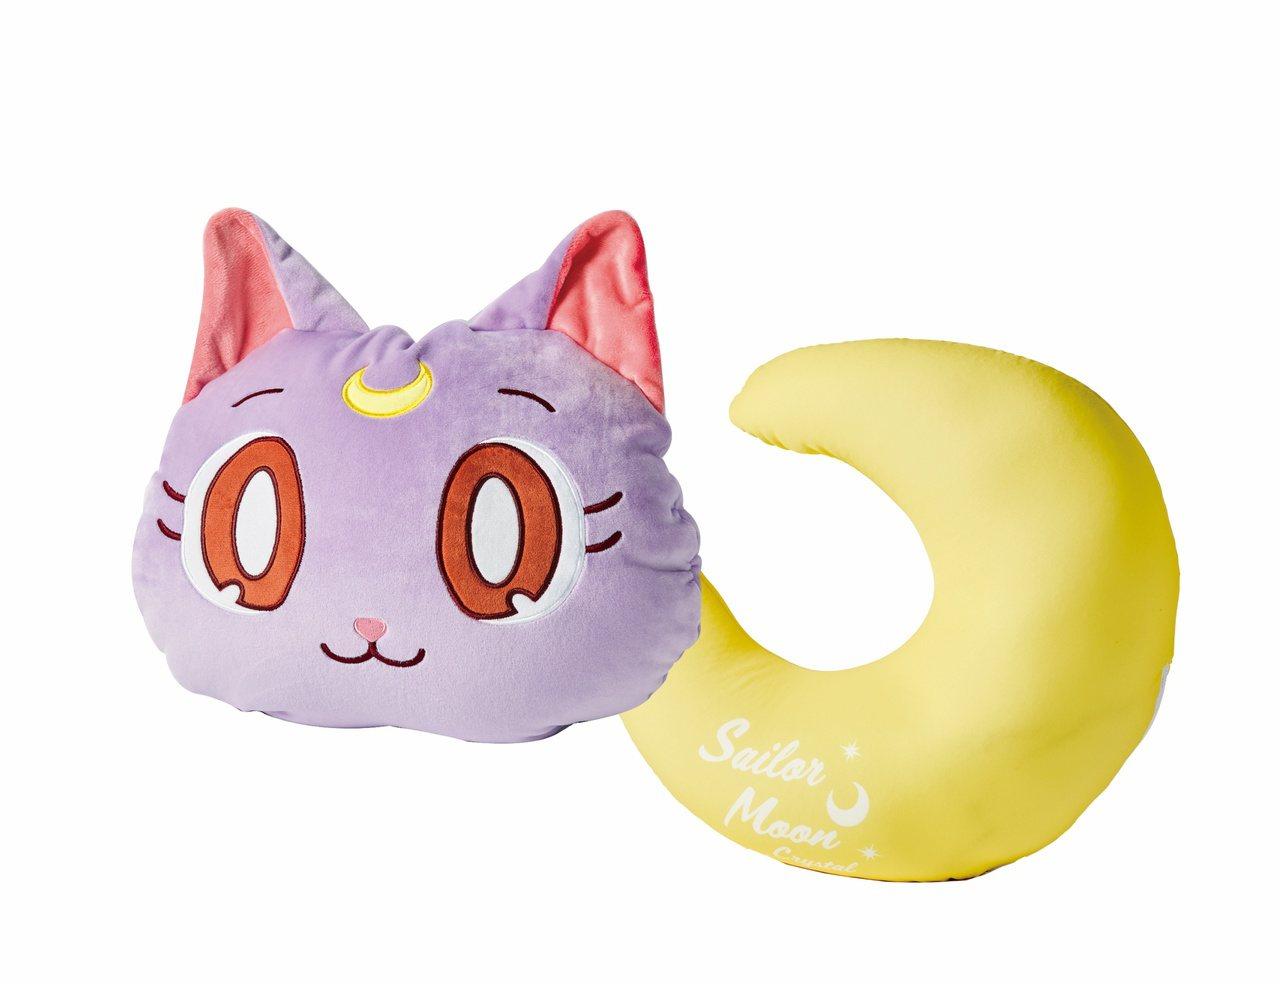 露娜貓&月亮造型兩用抱枕,原價734元,特價587元,限量140份。圖/統一時代...